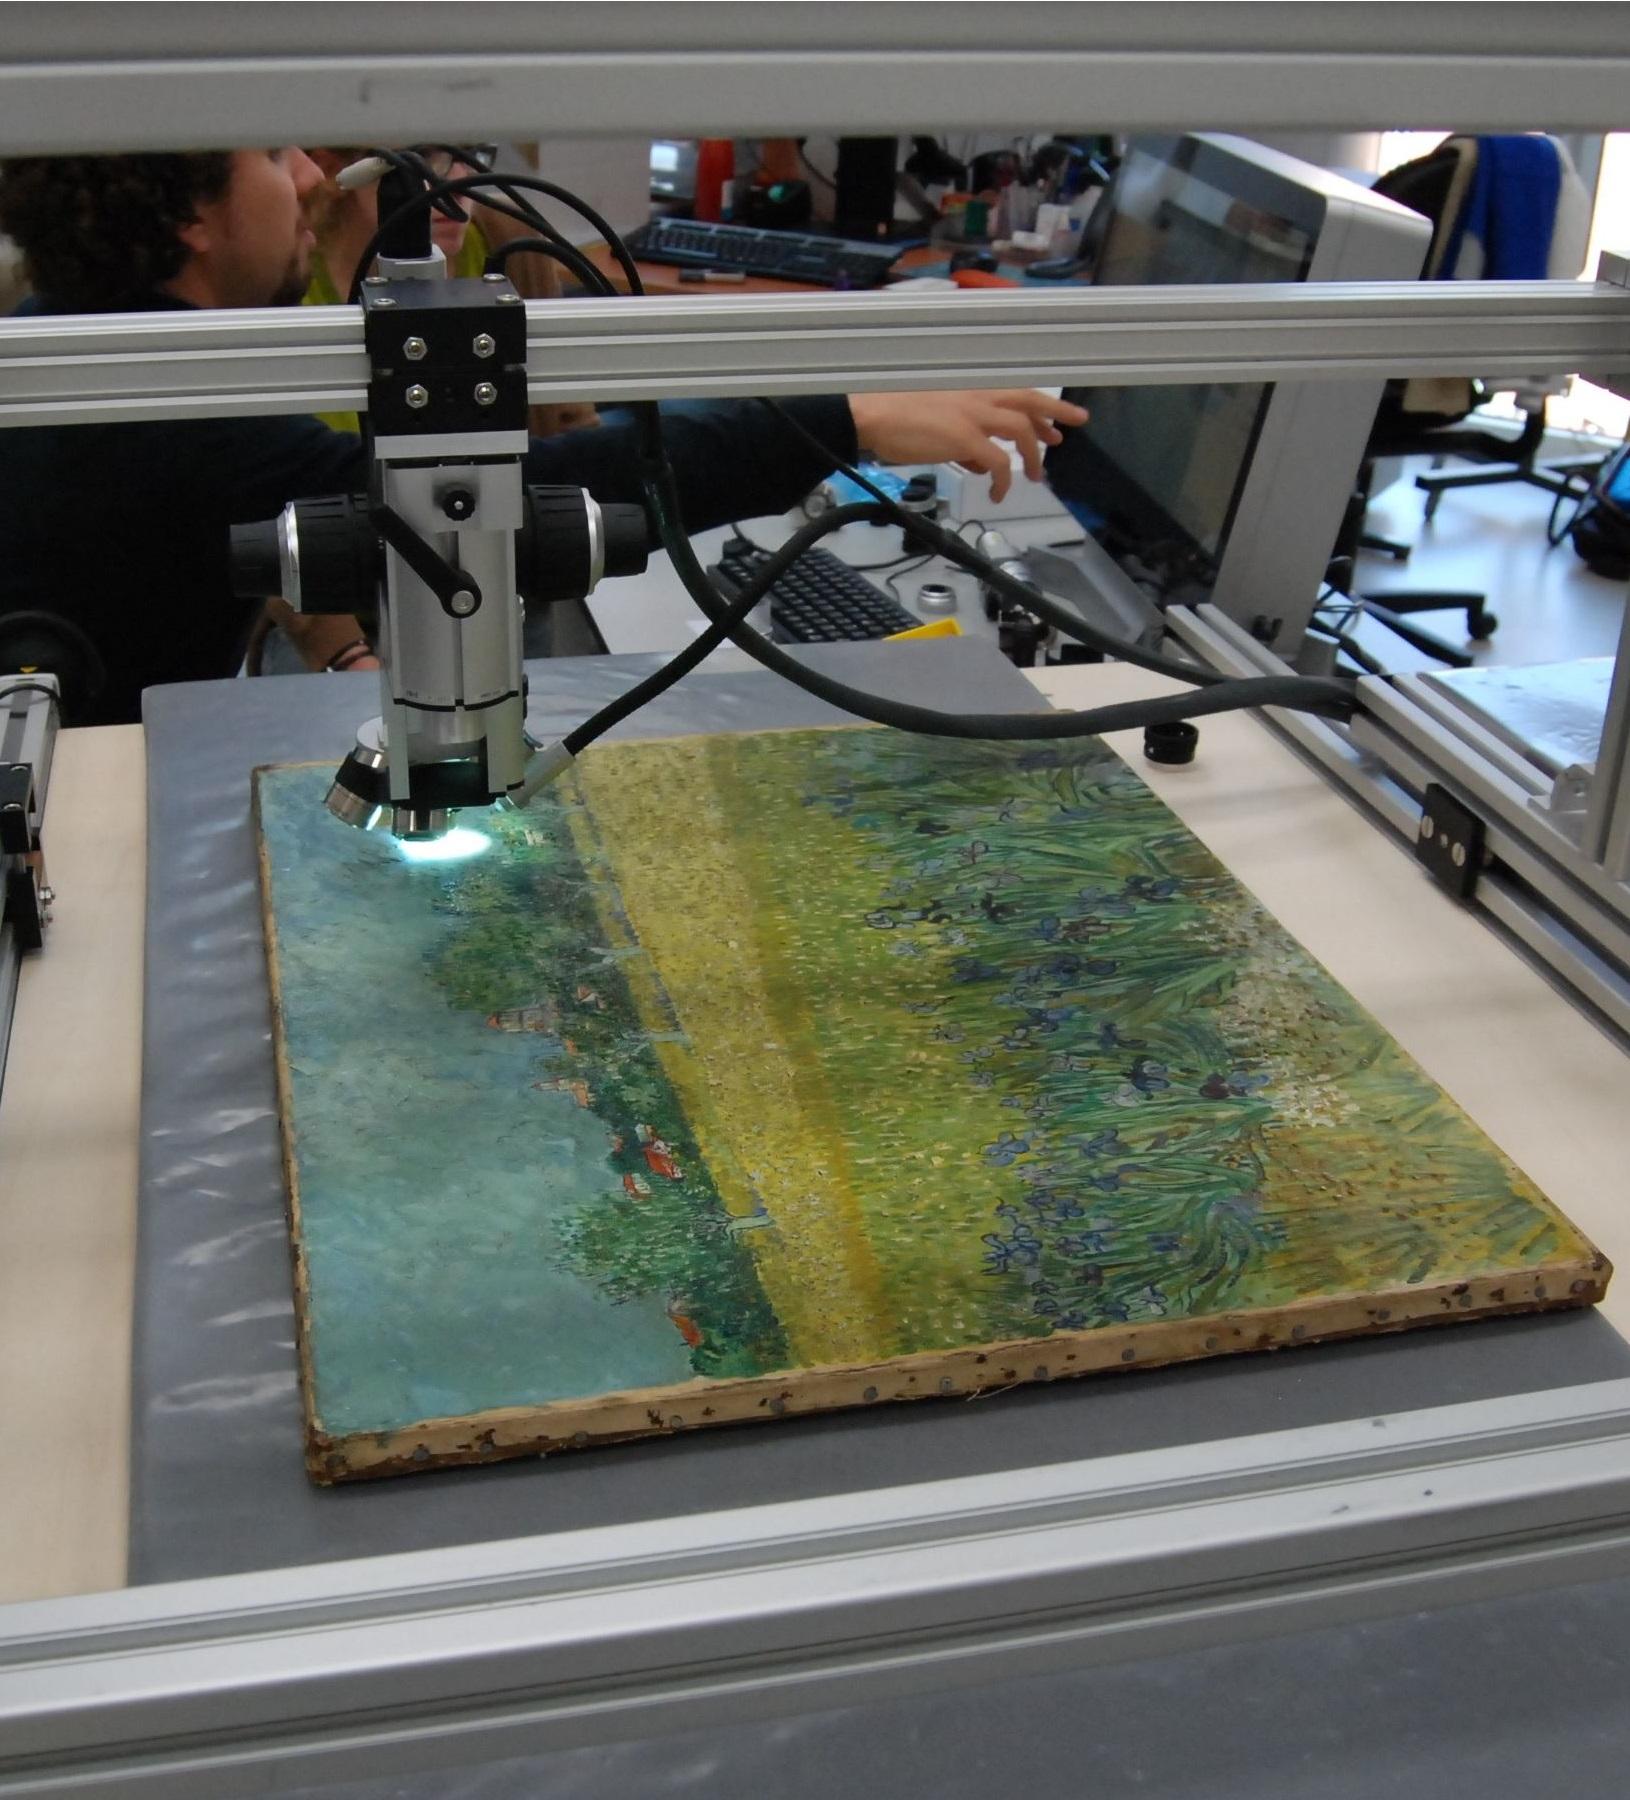 Hirox mikroszkóp alkalmazása múzeumi vizsgálatokhoz